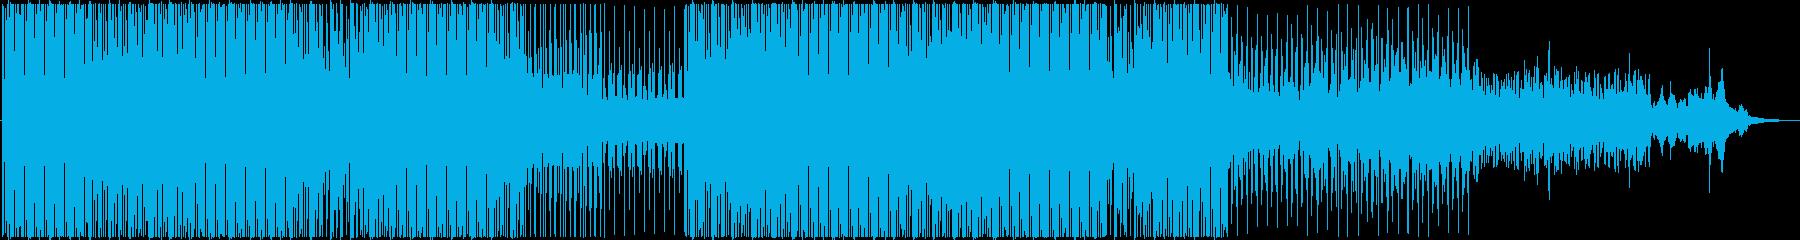 妖艶な雰囲気のダンスミュージックの再生済みの波形